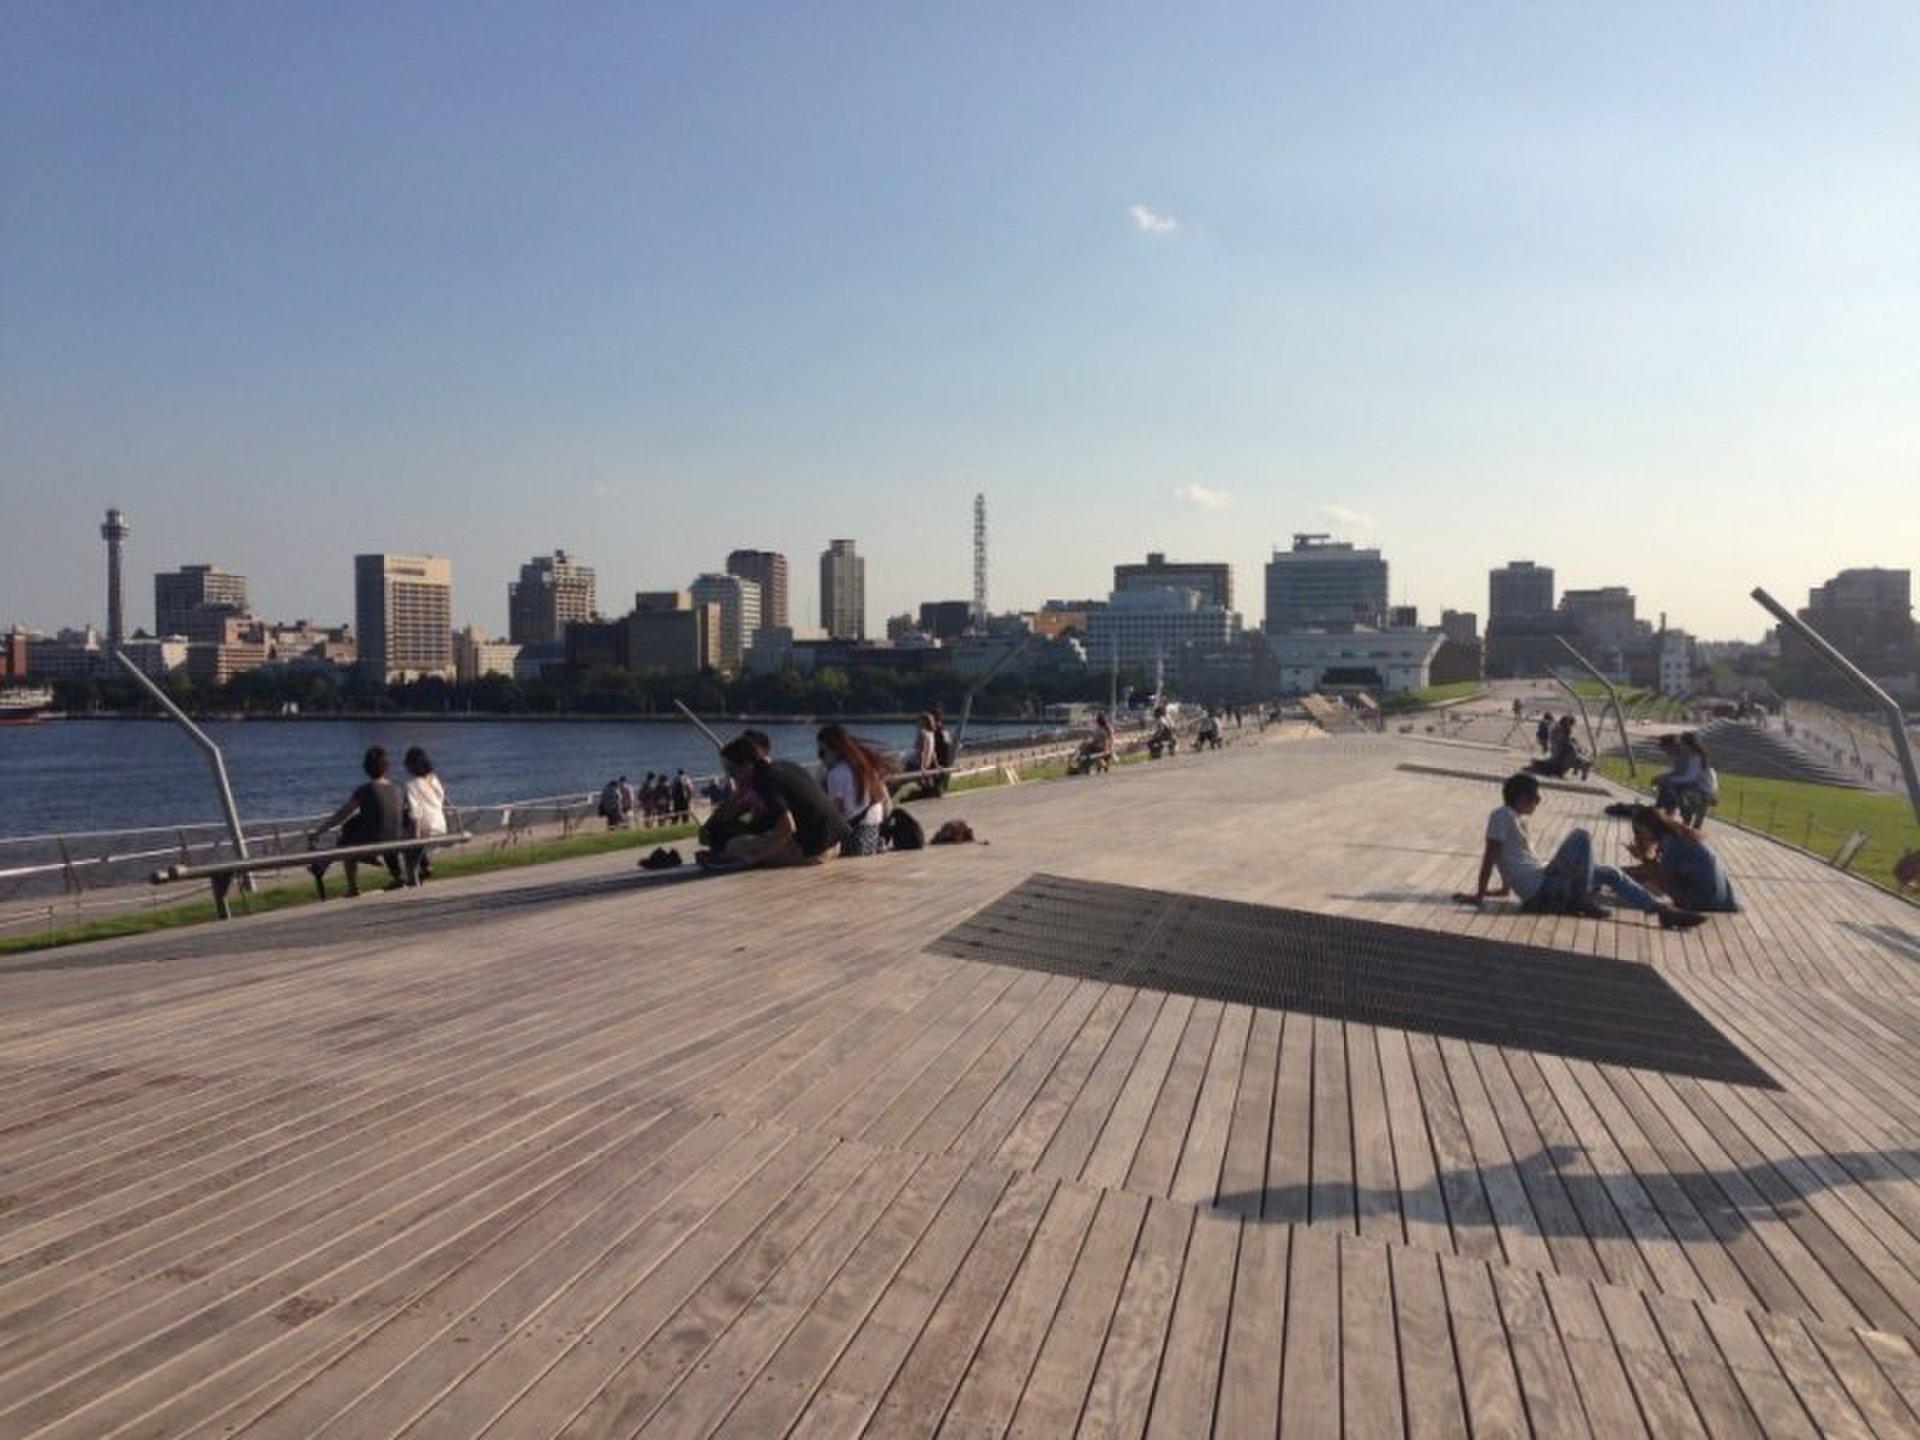 【ウォーキングダイエットにおすすめ散歩コース】横浜みなとみらいで海を眺めながら散歩!